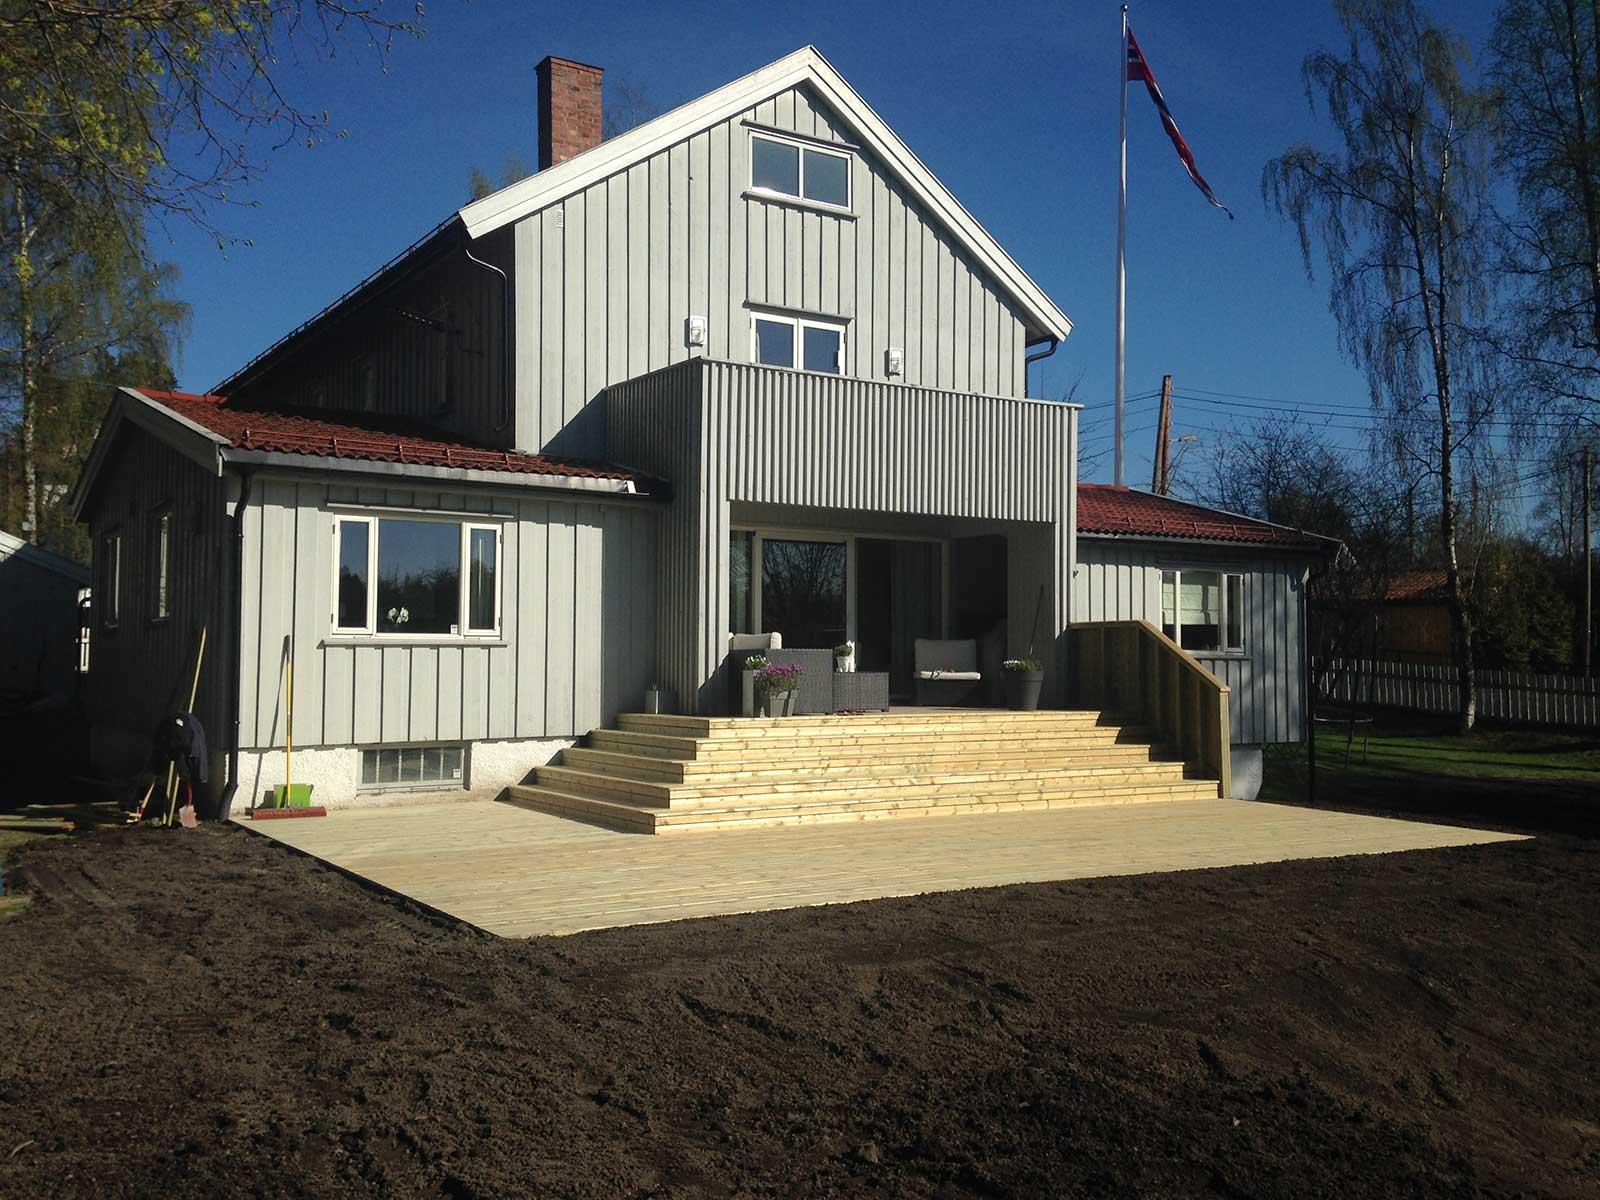 ferdig-bygget-terrasse-og-vegg